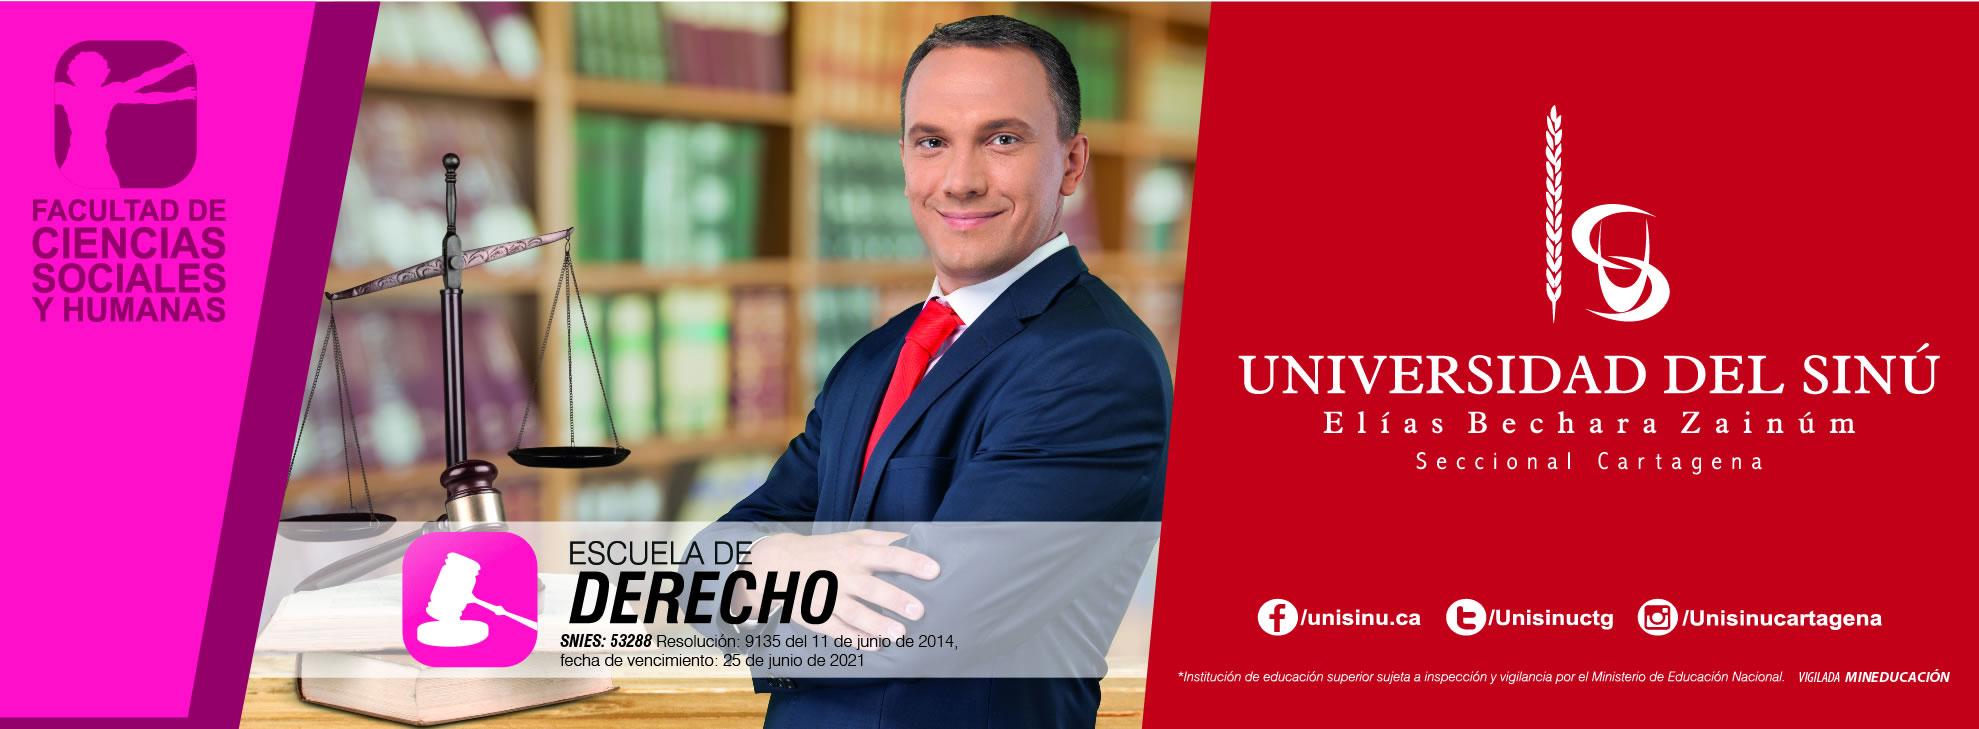 Derecho - SNIES:53288